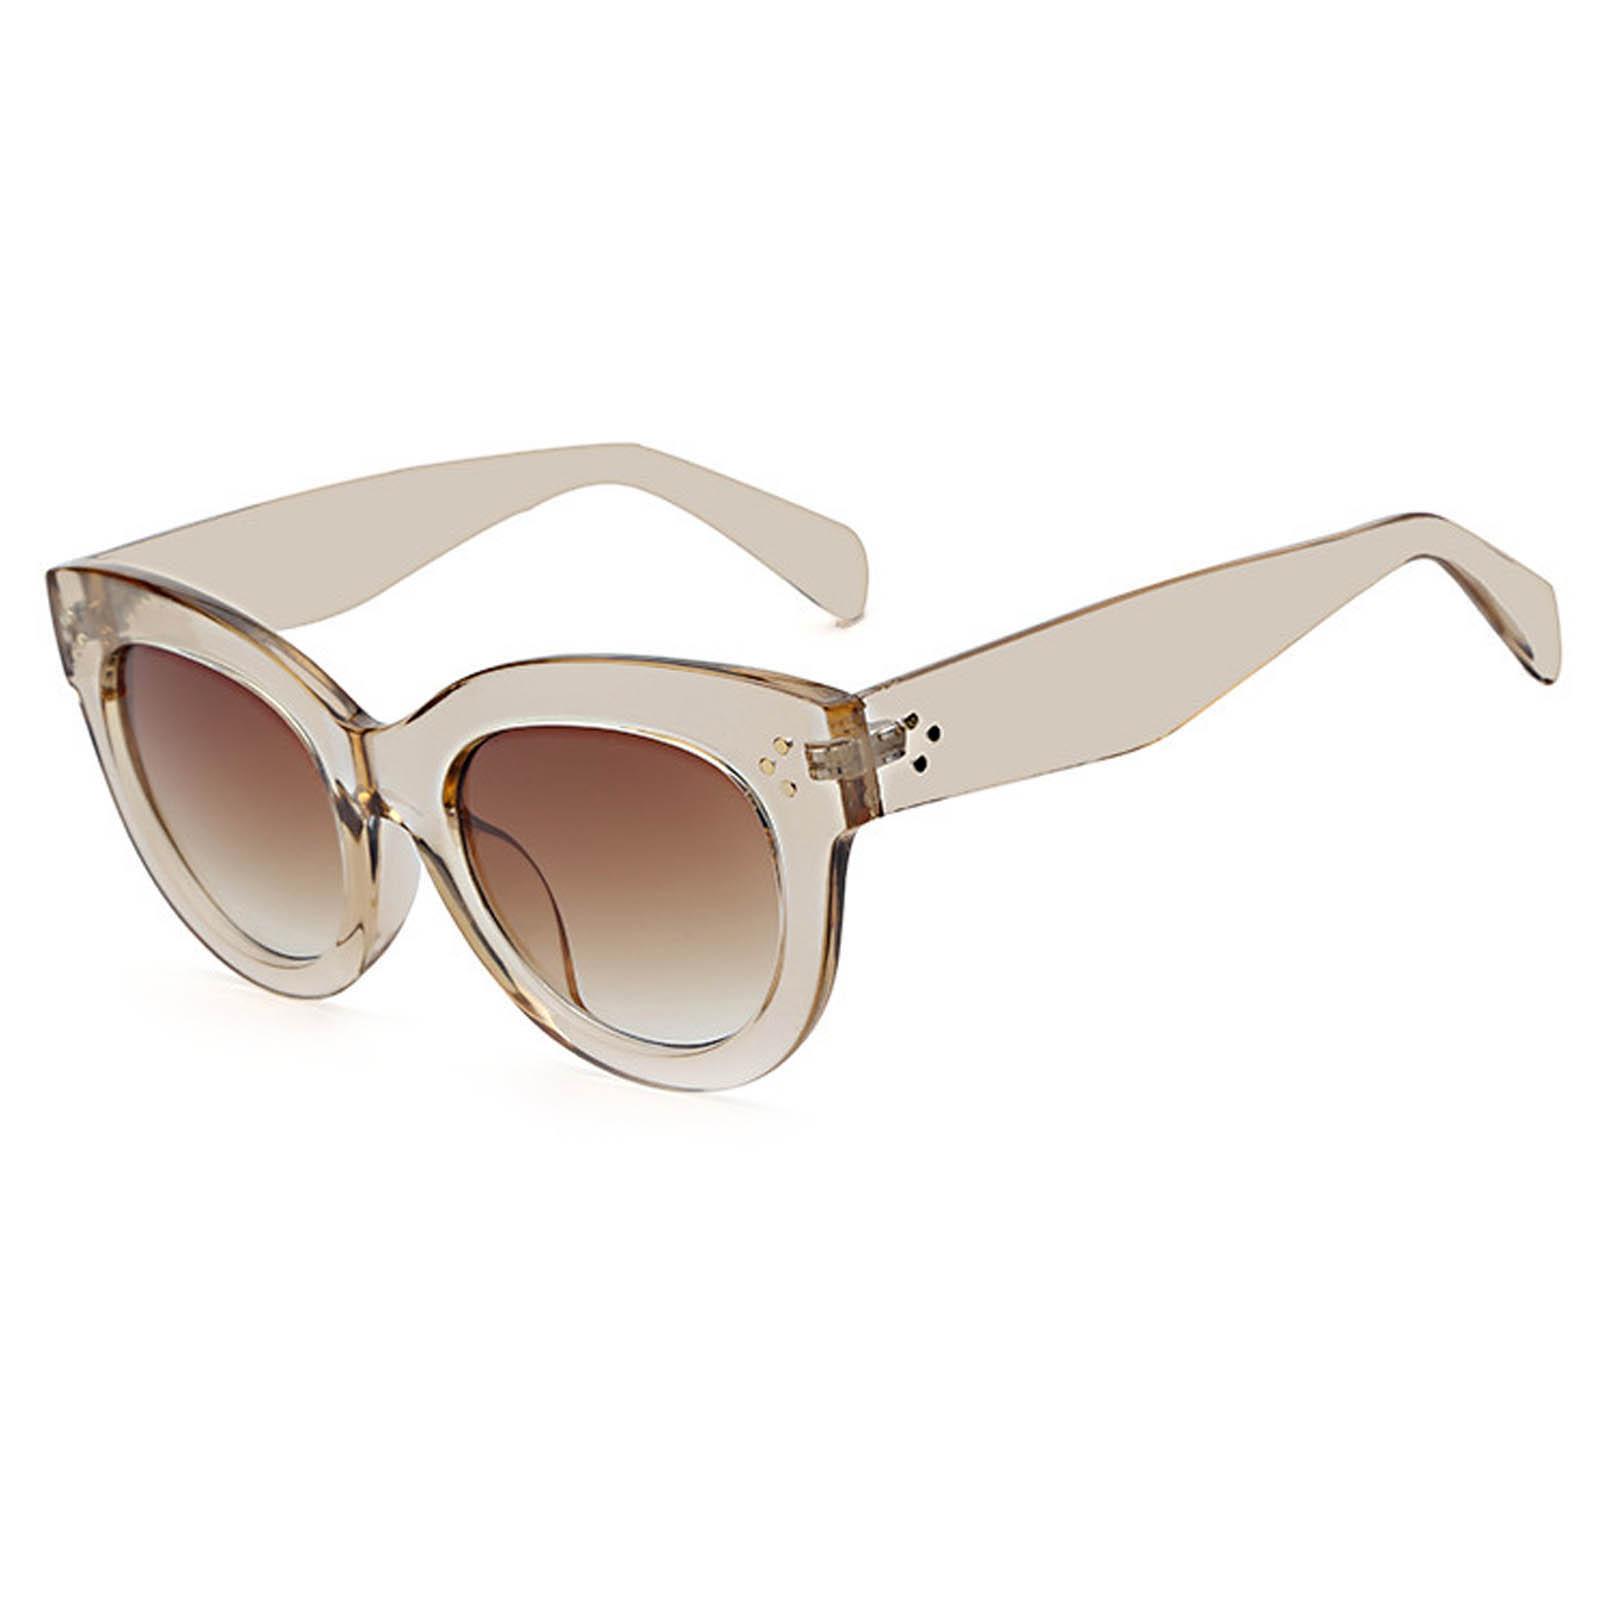 OWL ® 012 C5 Cat Eyewear Sunglasses Women's Men's Plastic Champigne Frame Brown Lens One Pair